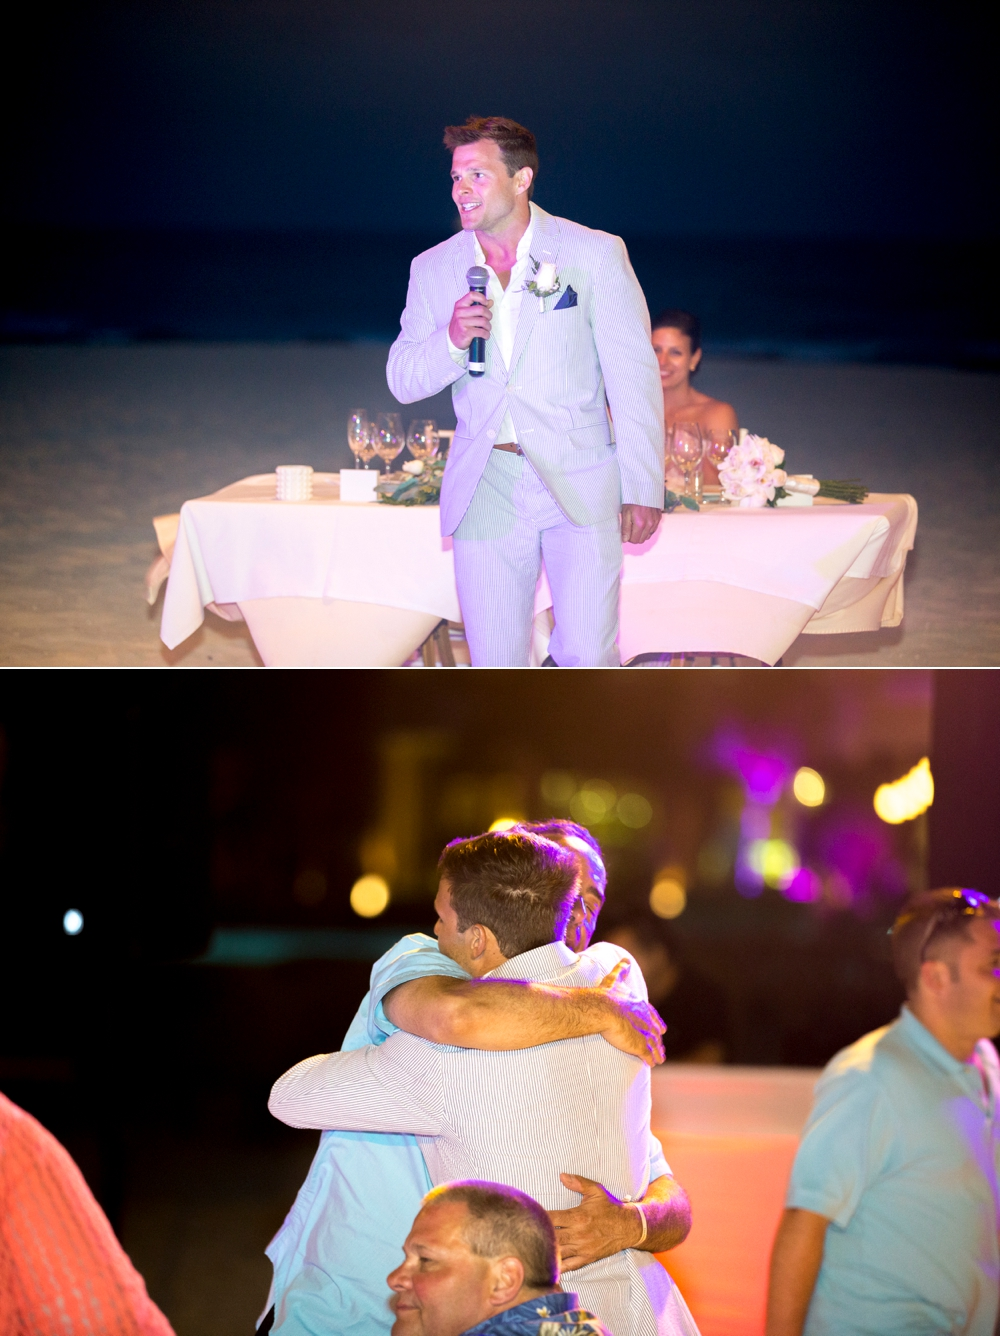 SomerbyJonesPhotography_IberostarGrandHotelParaiso_Mexico_Wedding_0042.jpg